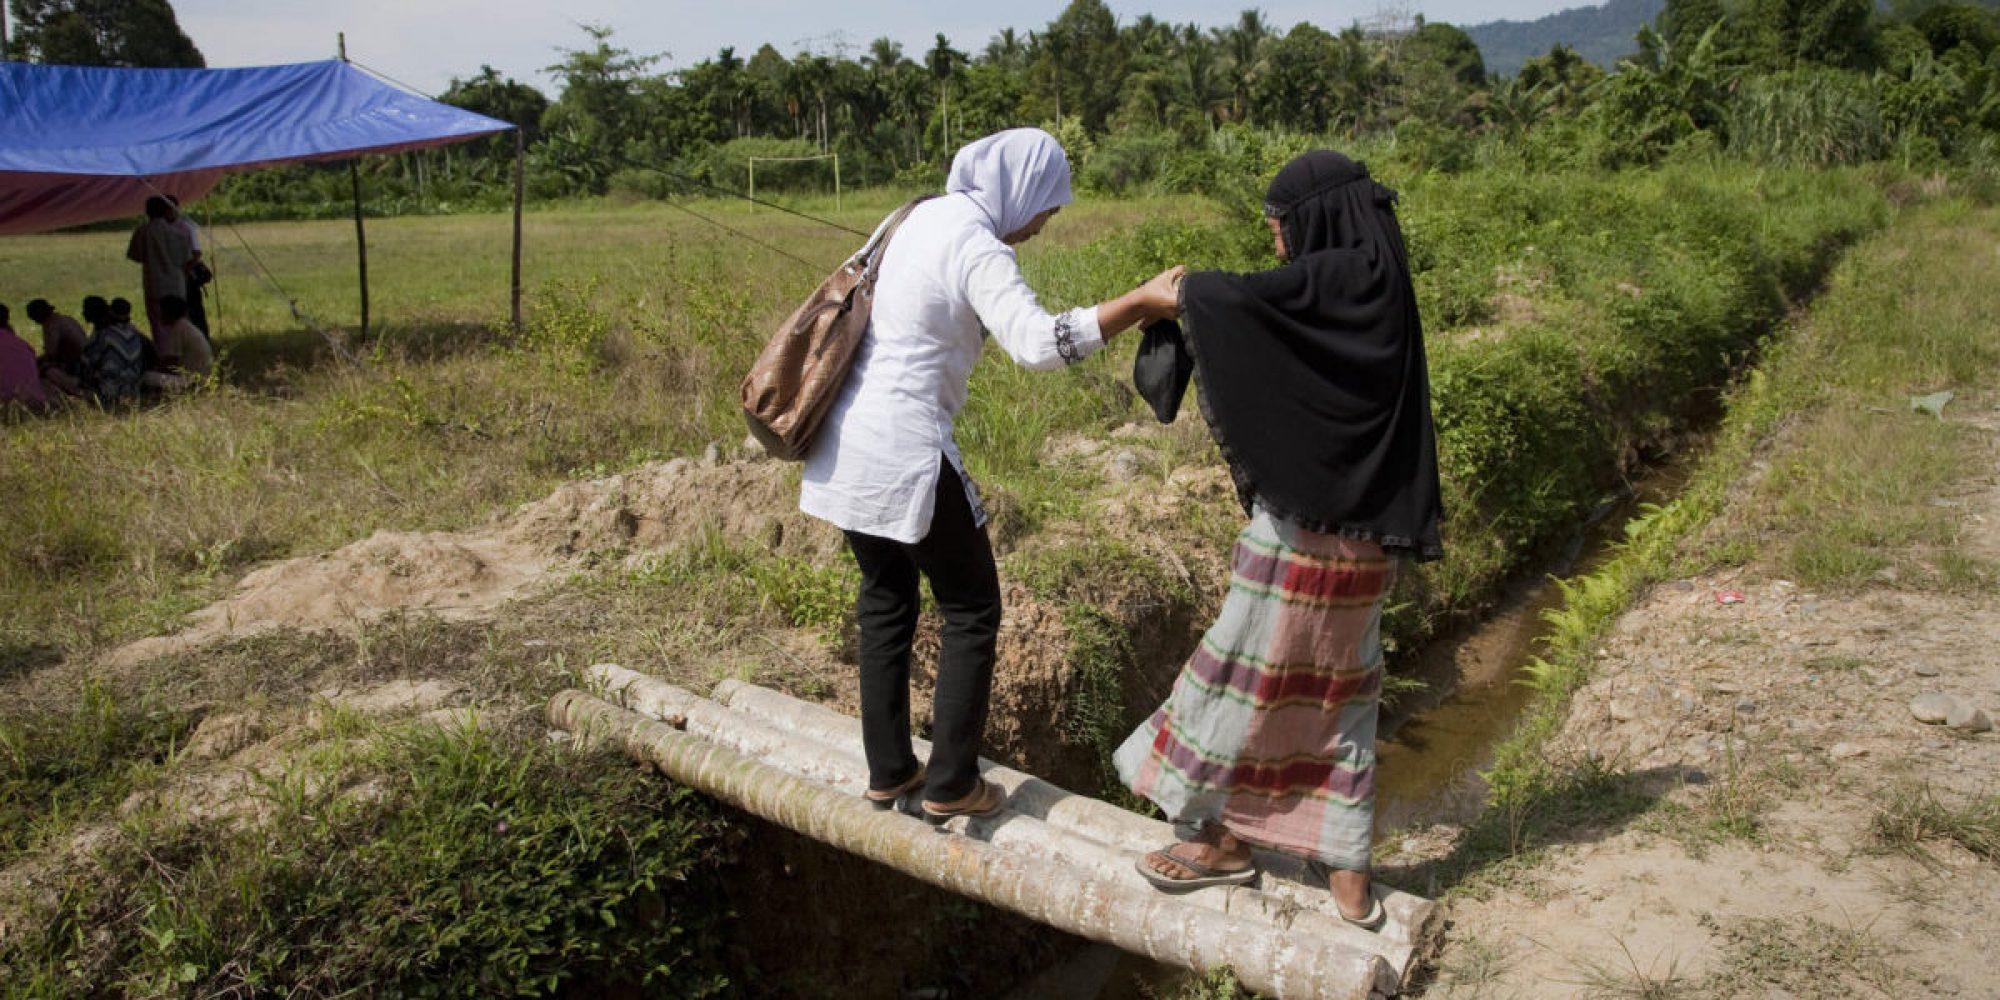 El miembro del equipo de JRS Indonesia asiste a una mujer que cruza el puente de bambú.